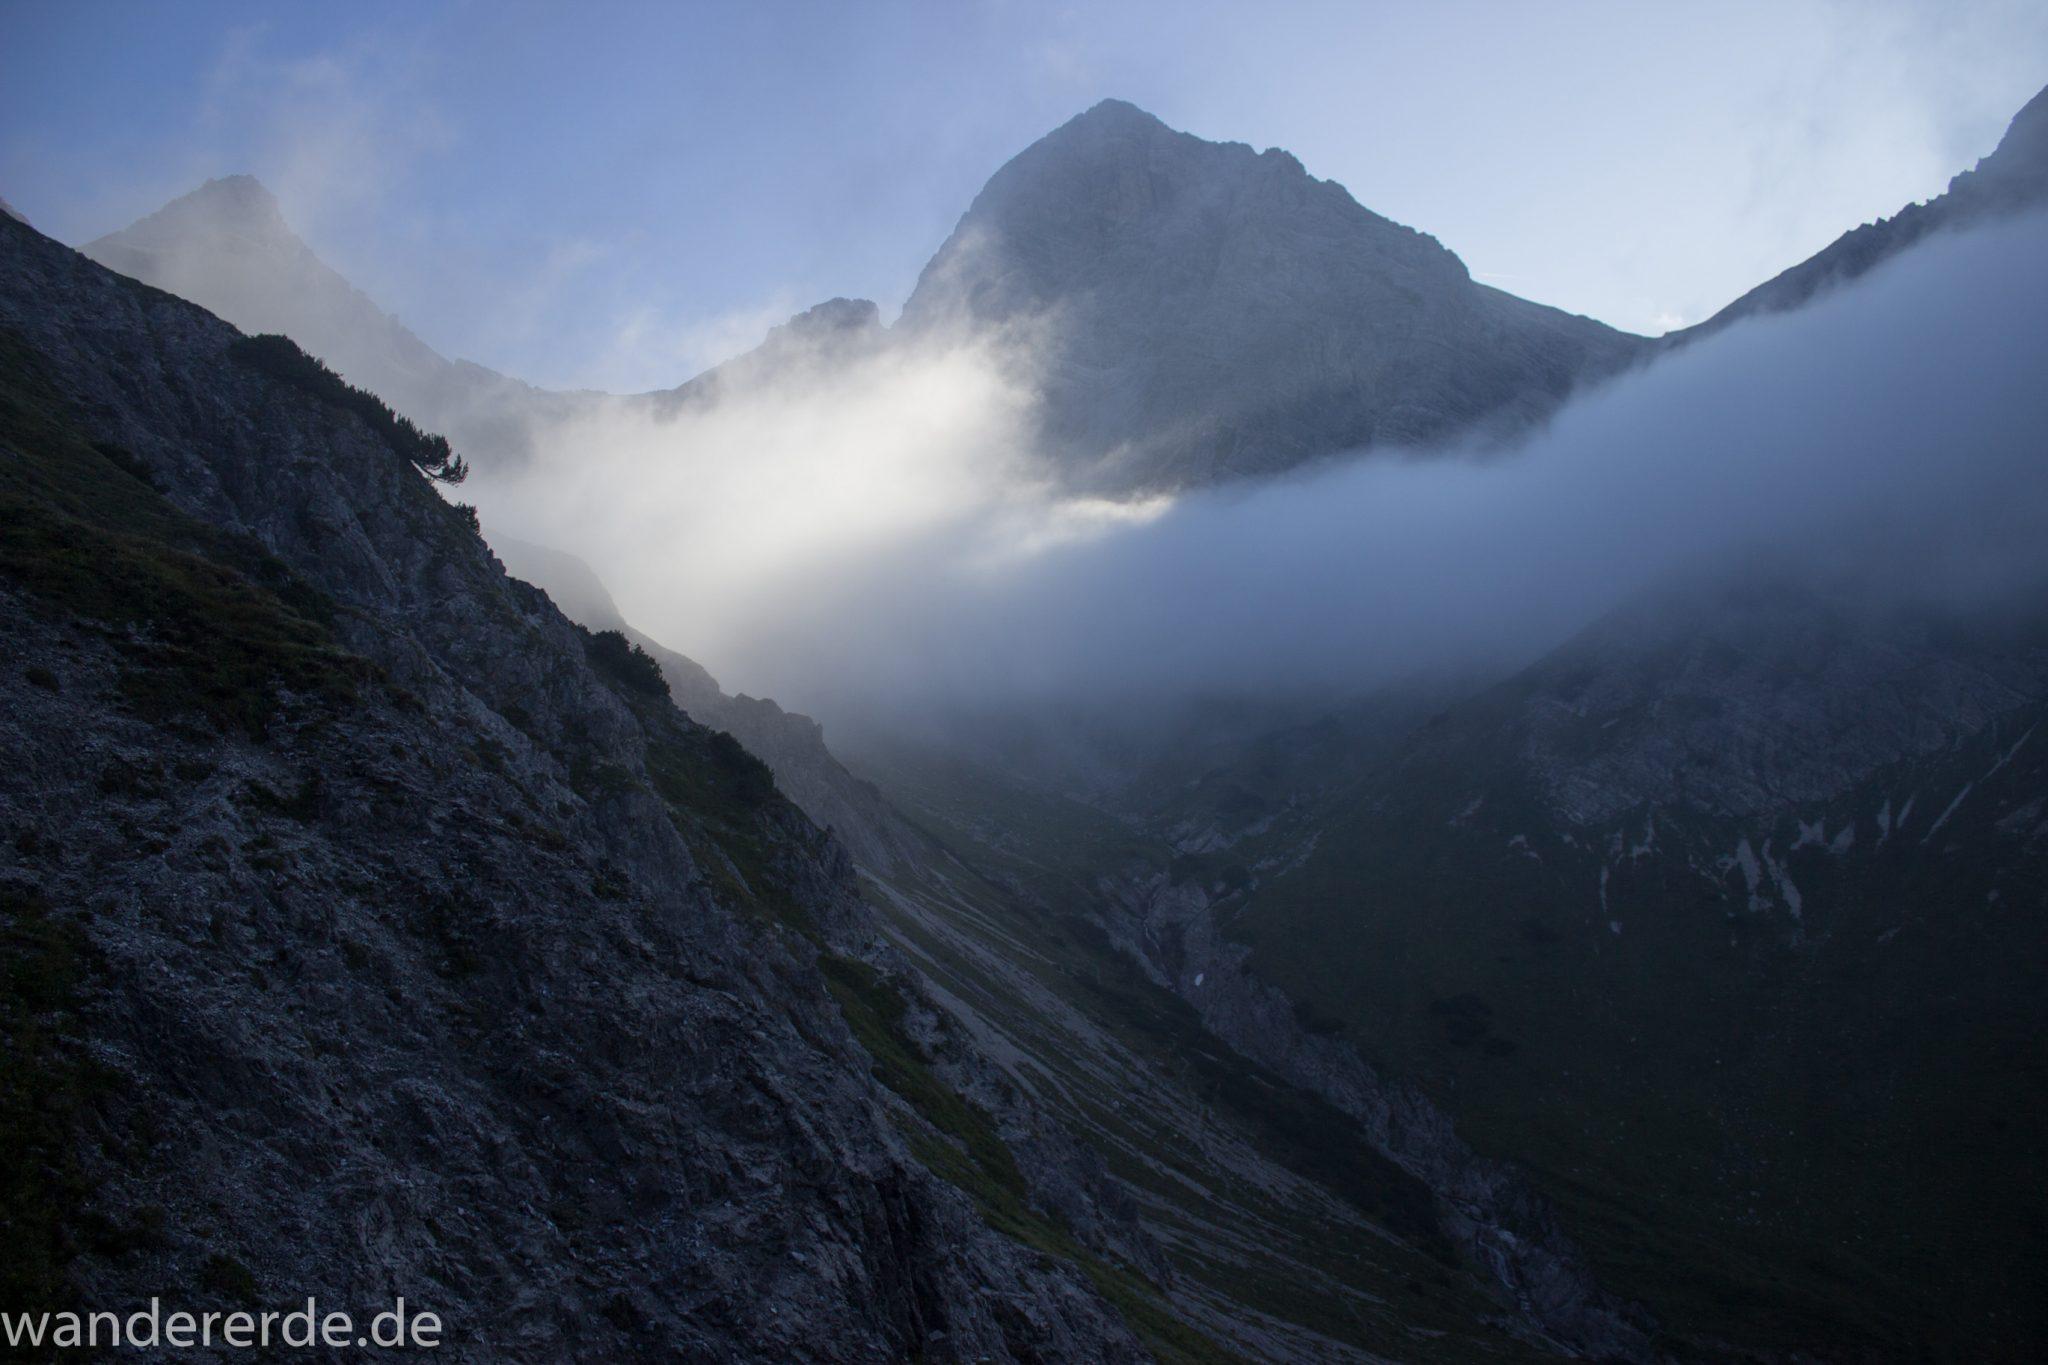 Alpenüberquerung Fernwanderweg E5 Oberstdorf Meran, 2. Etappe von Kemptner Hütte zur Memminger Hütte, Aussicht in der Nähe vom Mädelejoch, umliegende Berge in Wolken gehüllt, Berggipfel sichtbar, weitere Wanderung mit eingeschränkter Sicht wegen Nebel, beeindruckende Landschaft in den Bergen